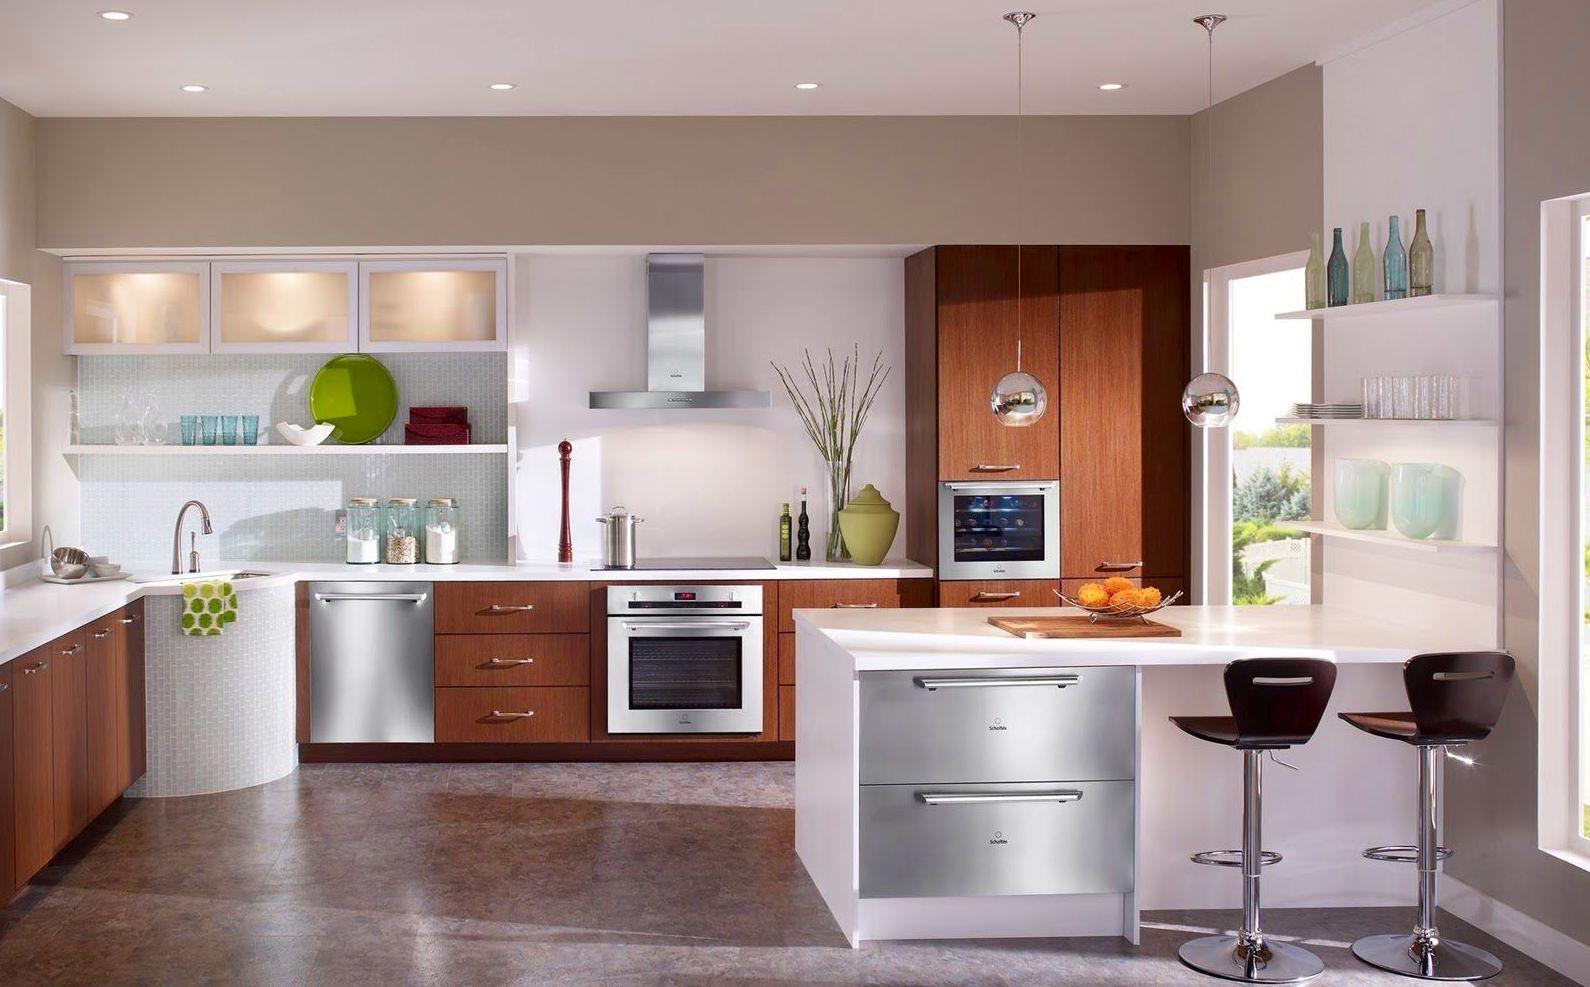 Financiacion Muebles de Cocina 10 Meses Sin Intereses